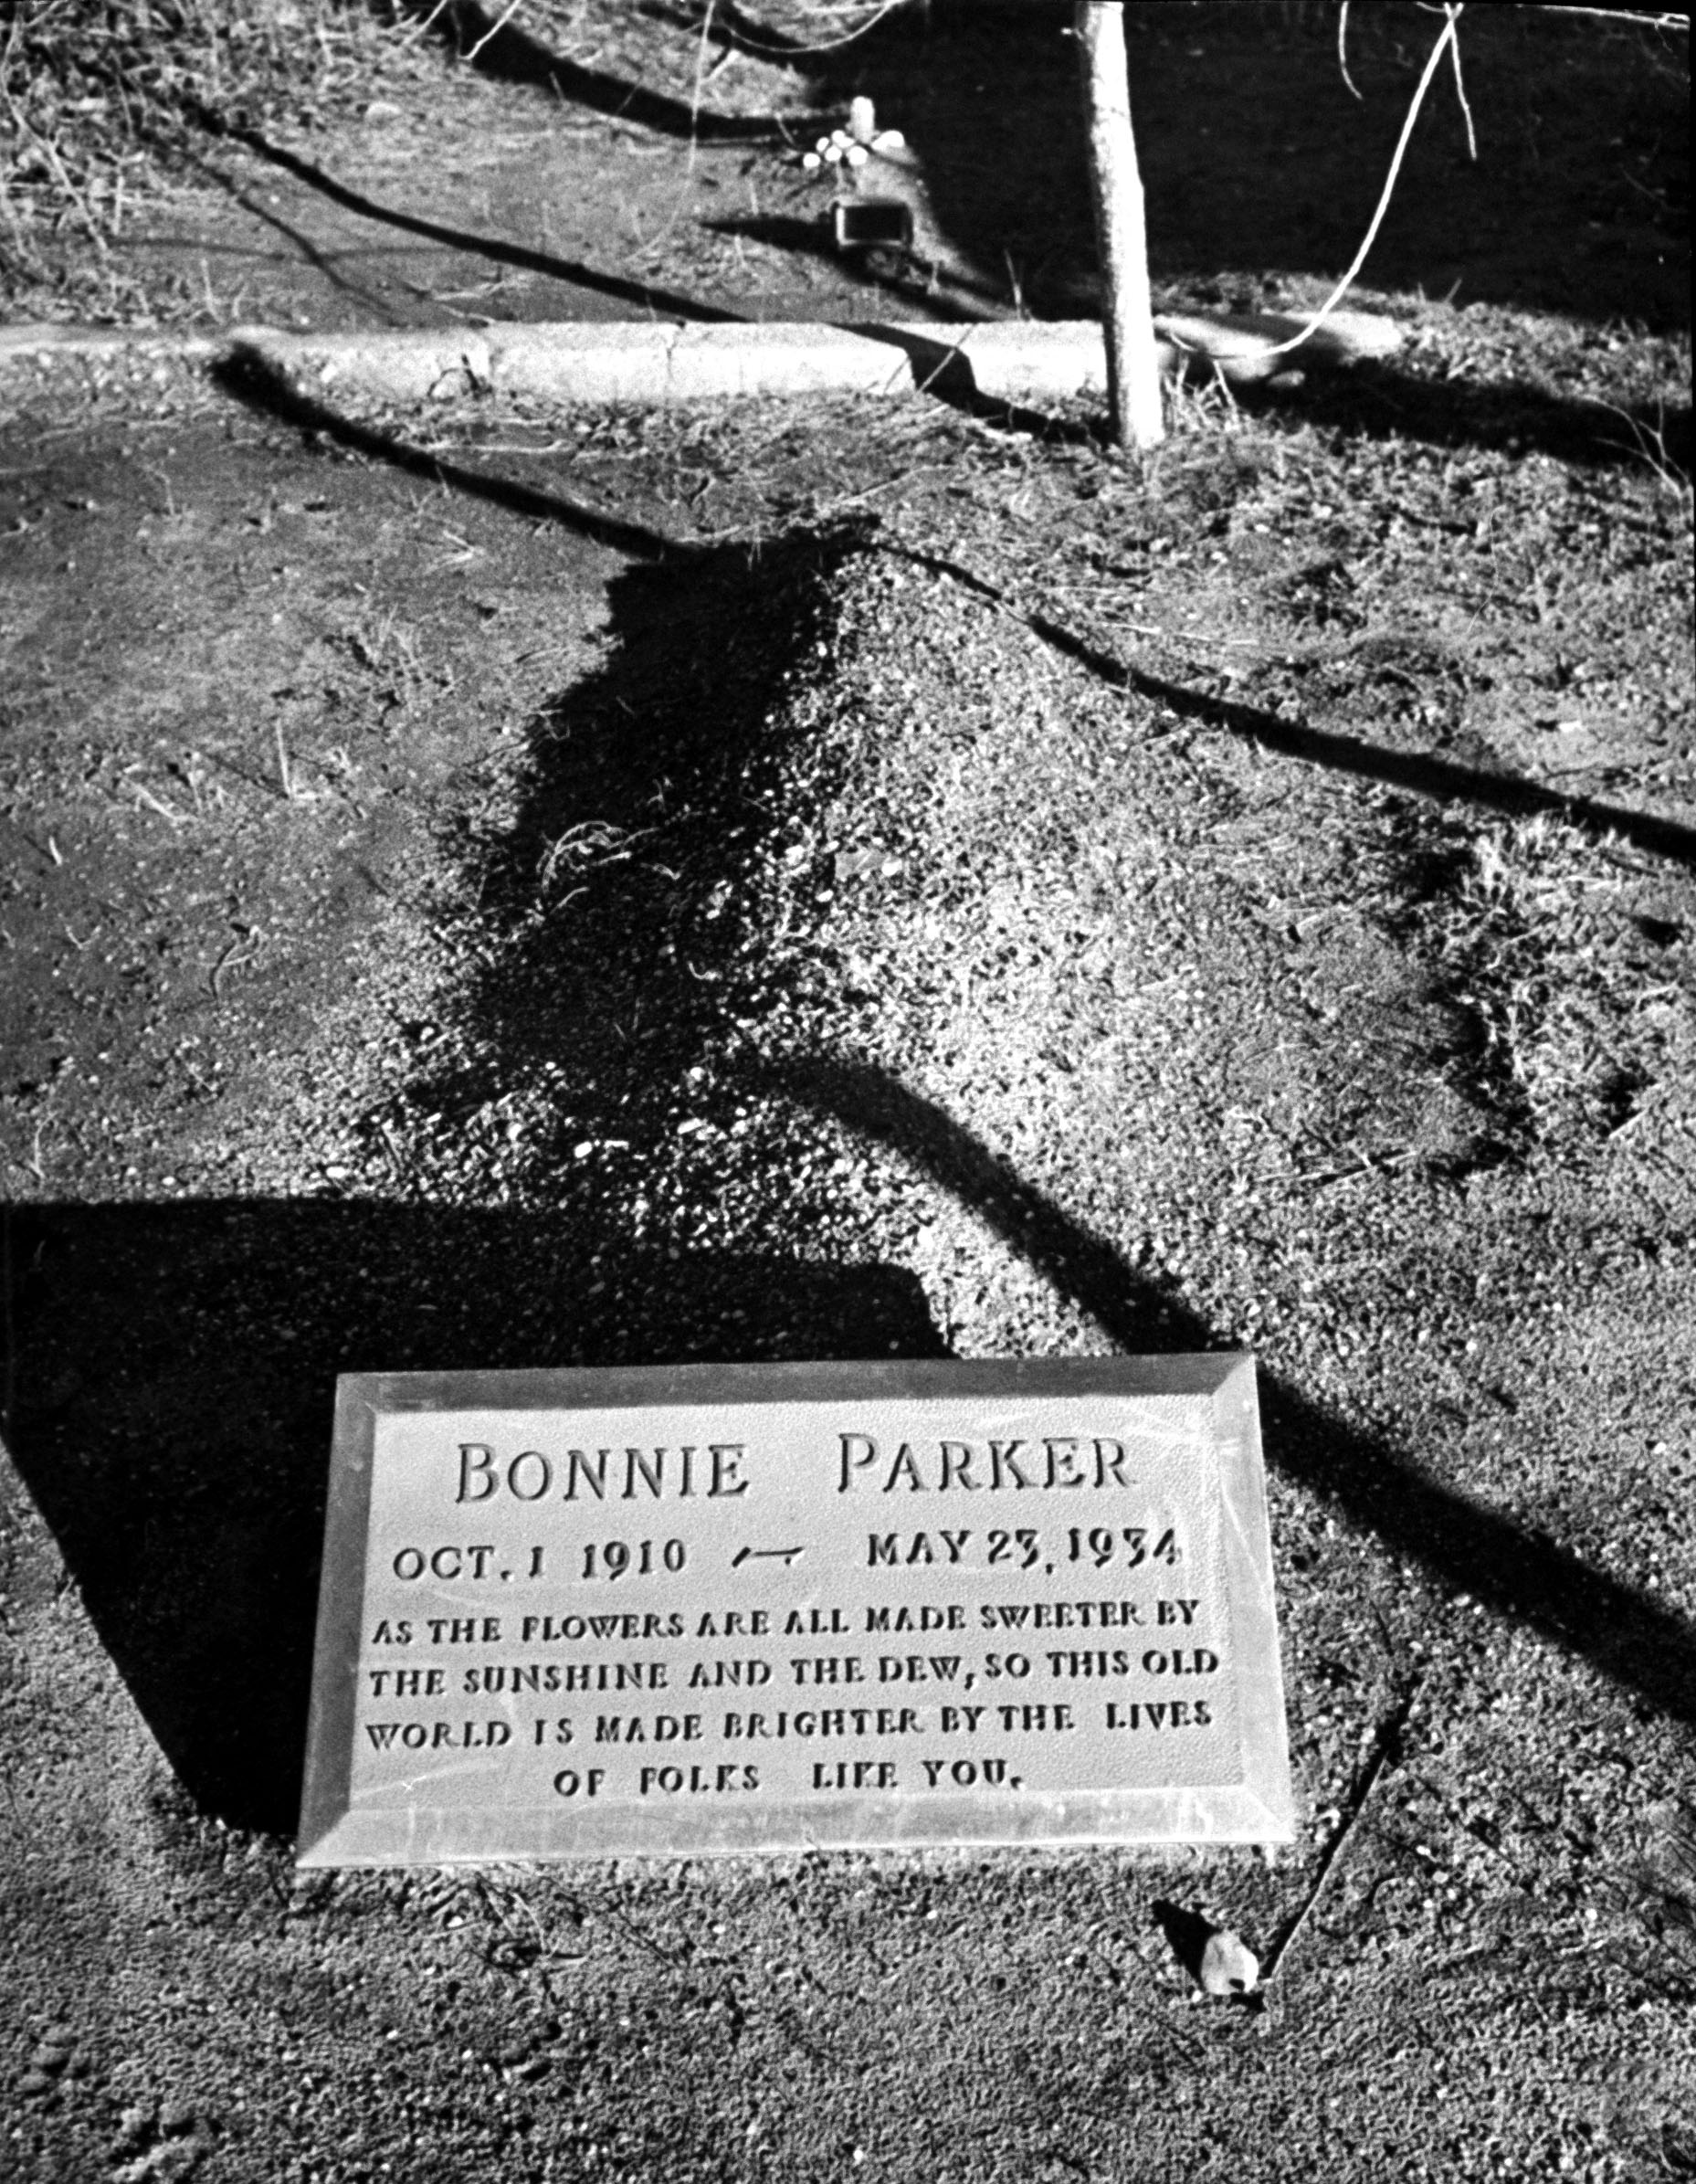 Bonnie Parker Death Photo